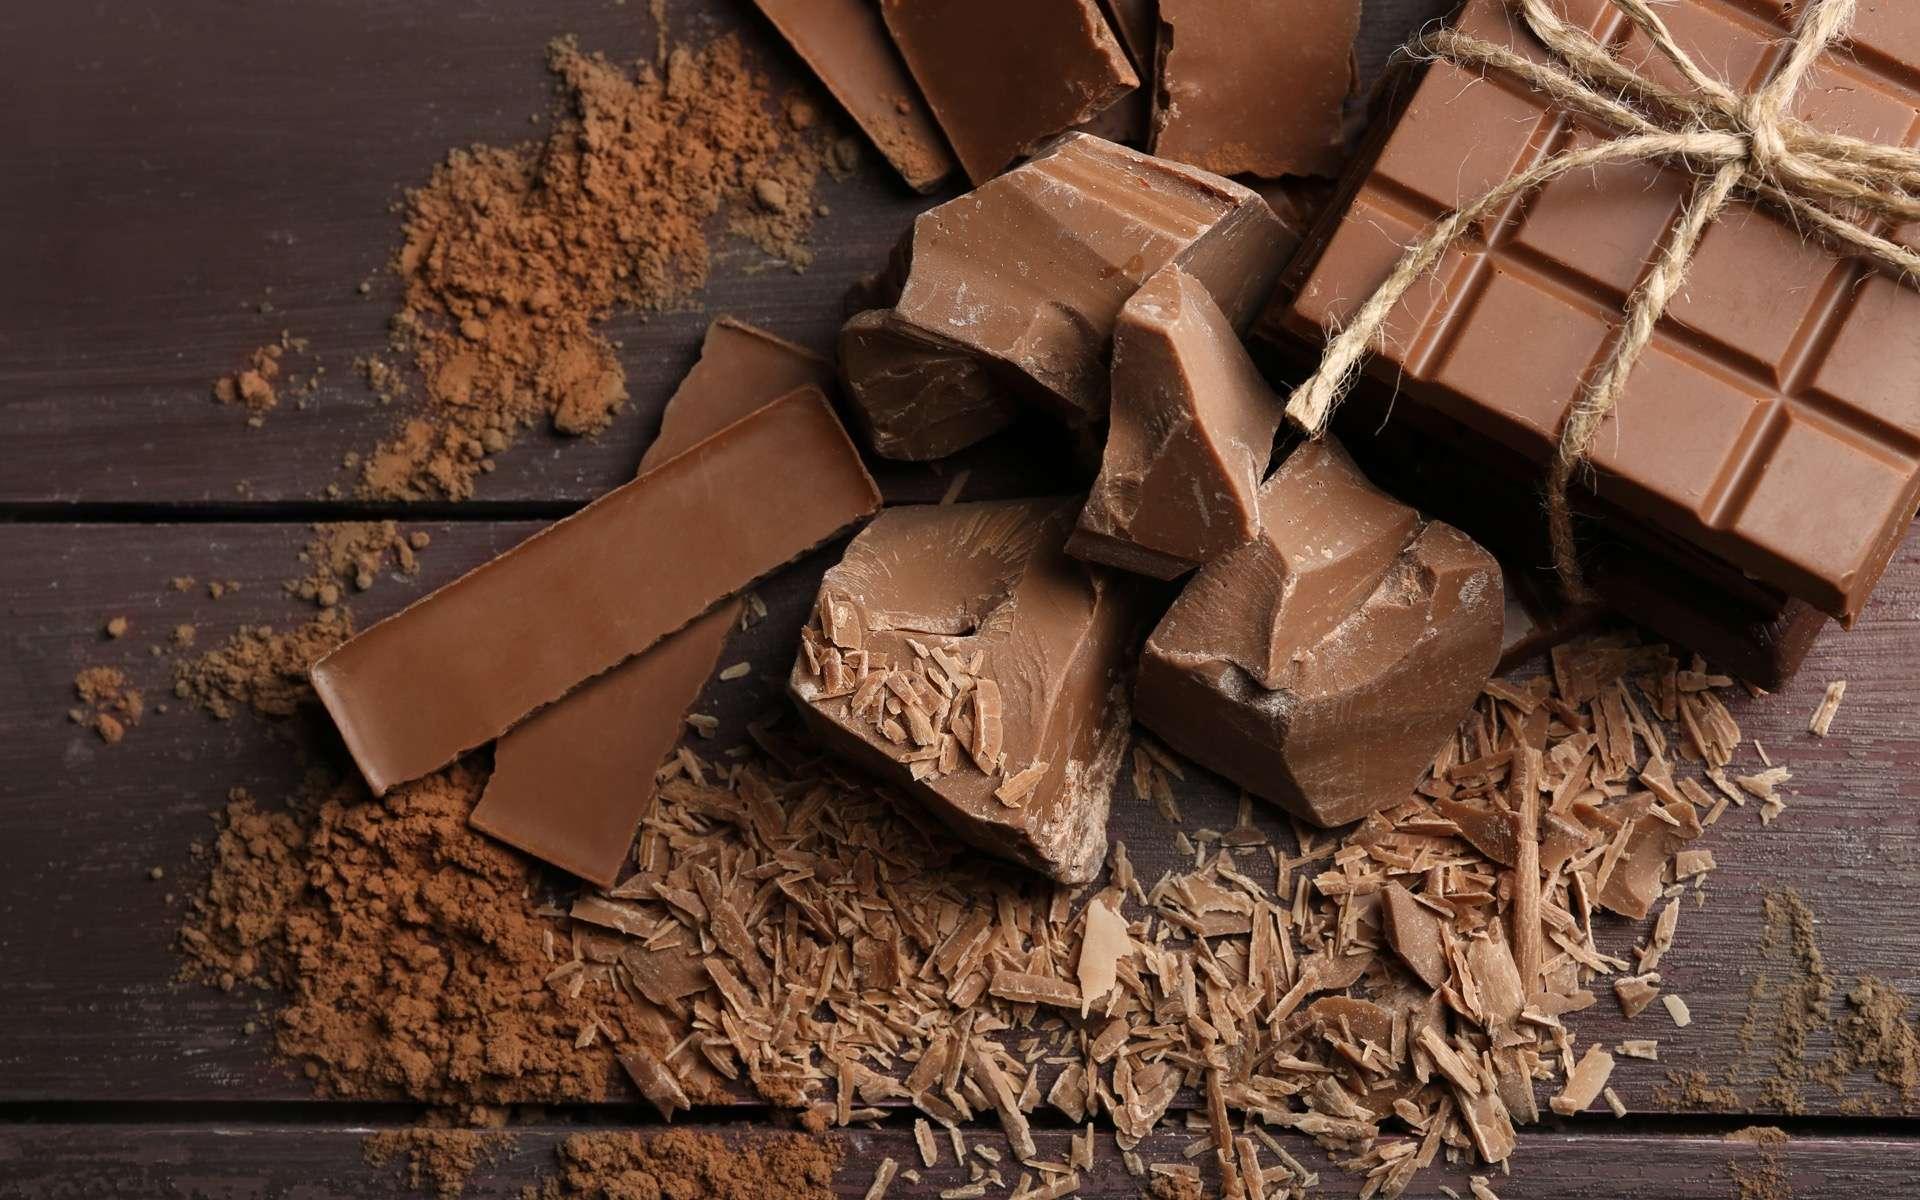 Des chercheurs ont imaginé un chocolat au lait plus riche en nutriments grâce aux déchets alimentaires et notamment ceux de l'arachide. © Africa Studio, Adobe Stock